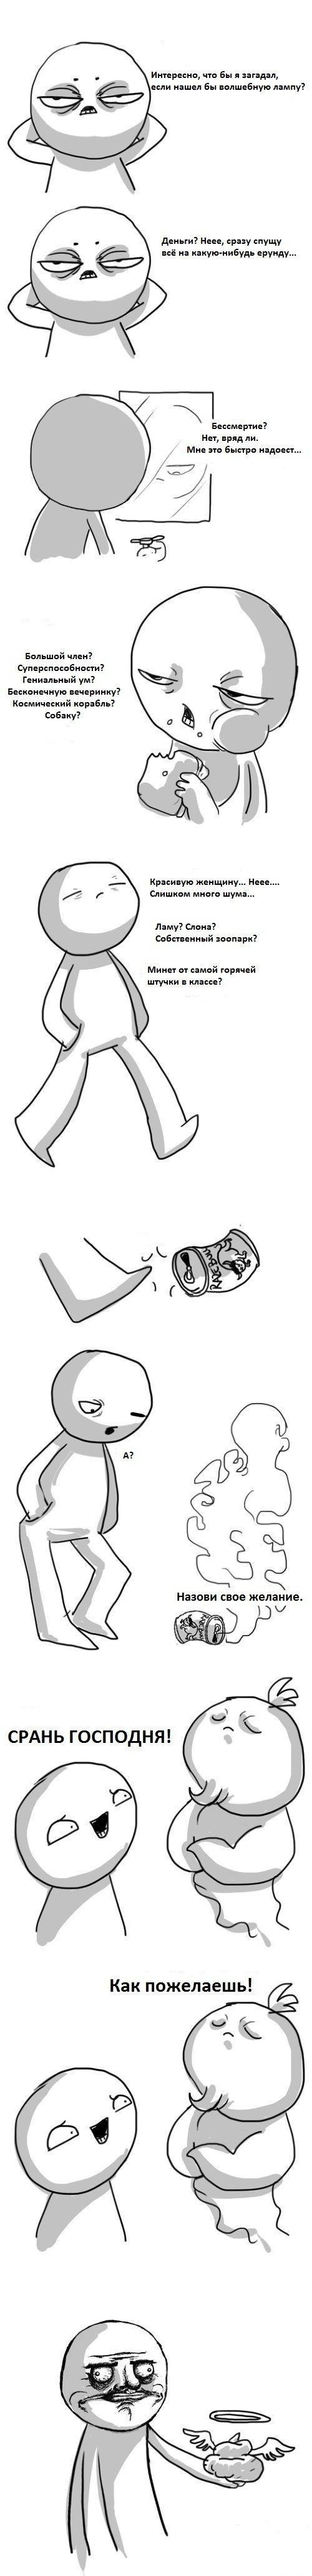 Подборка забавных комиксов 26.02.2015 (20 картинок)